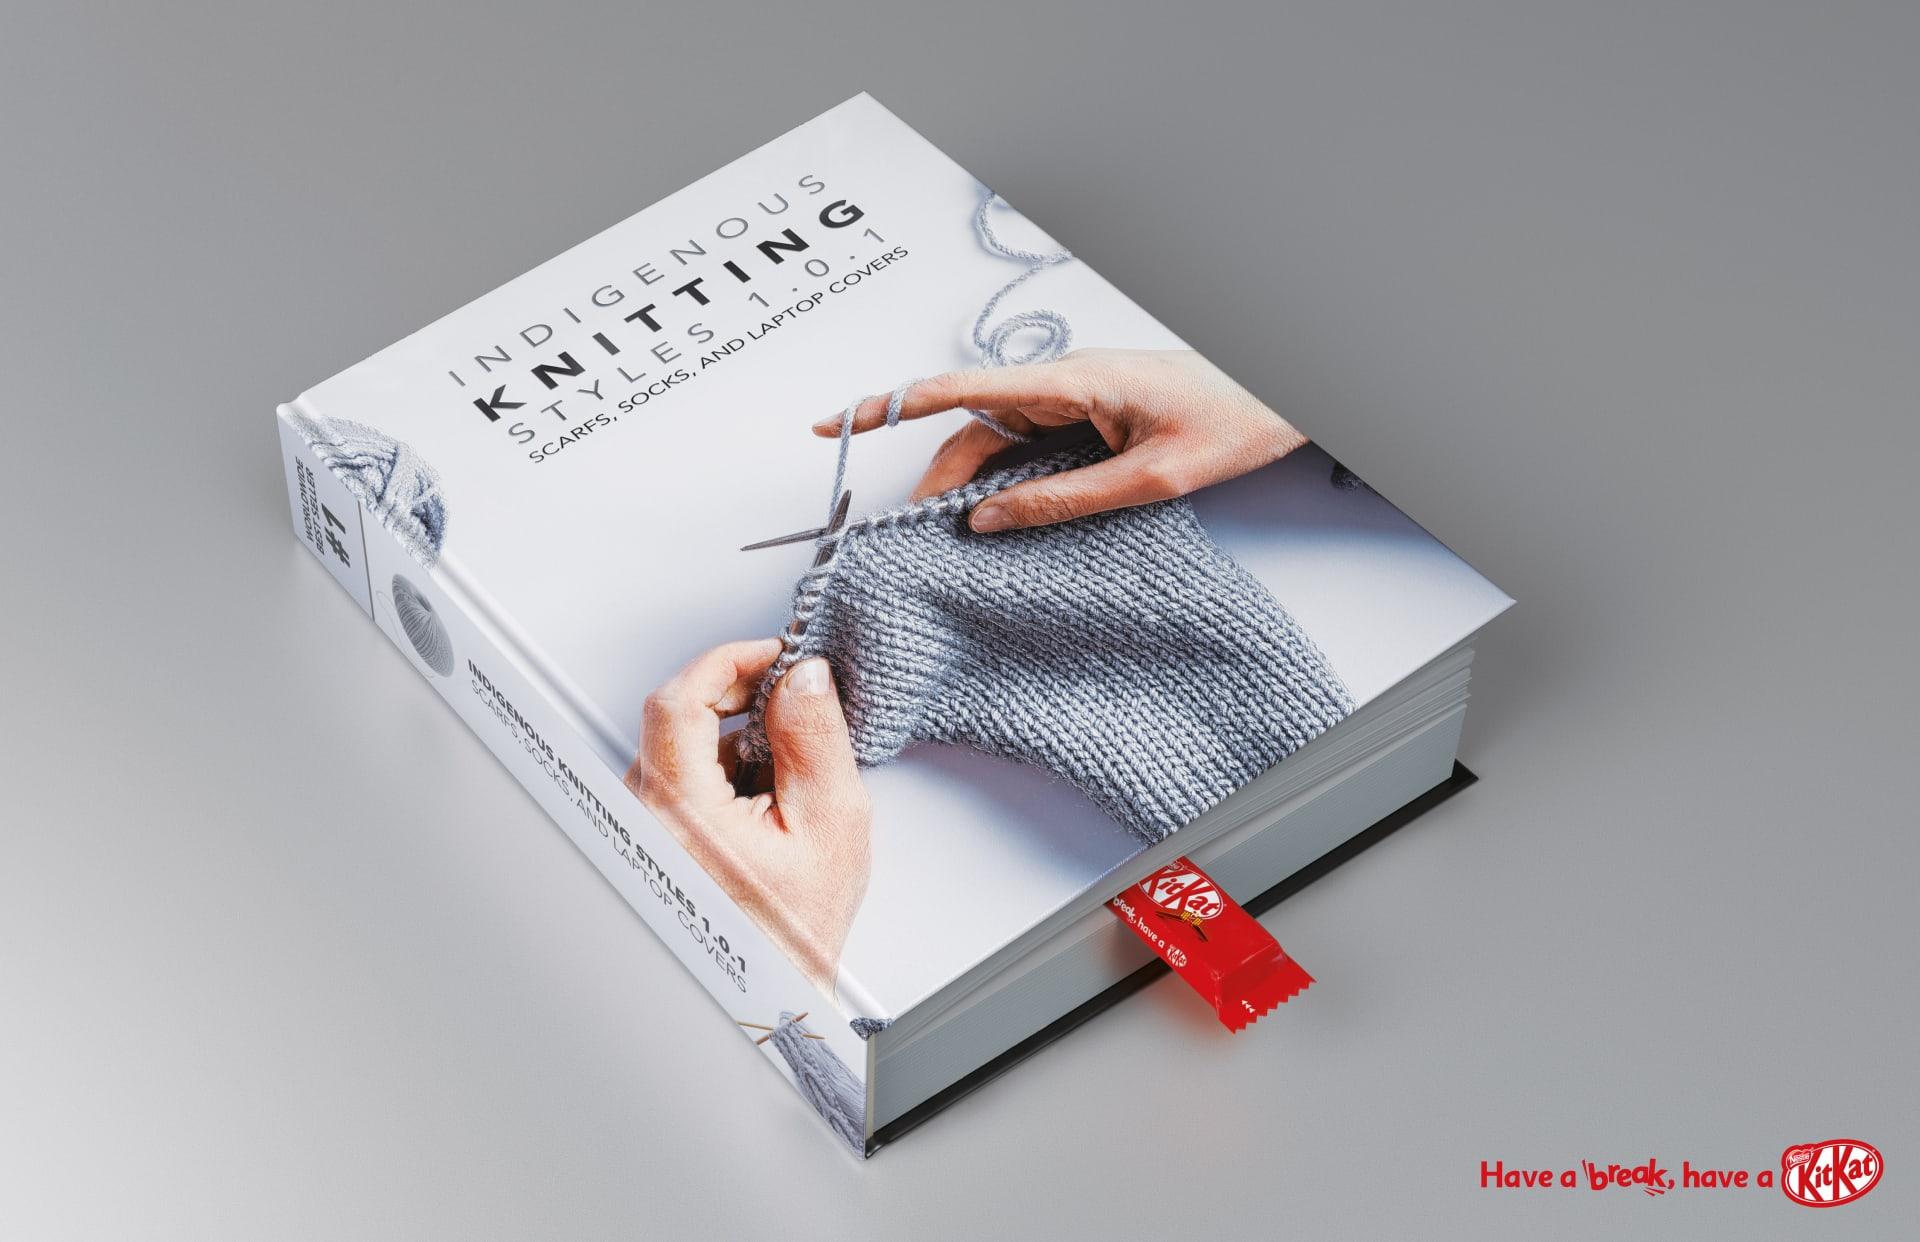 Book on Knitting with KitKat break mark